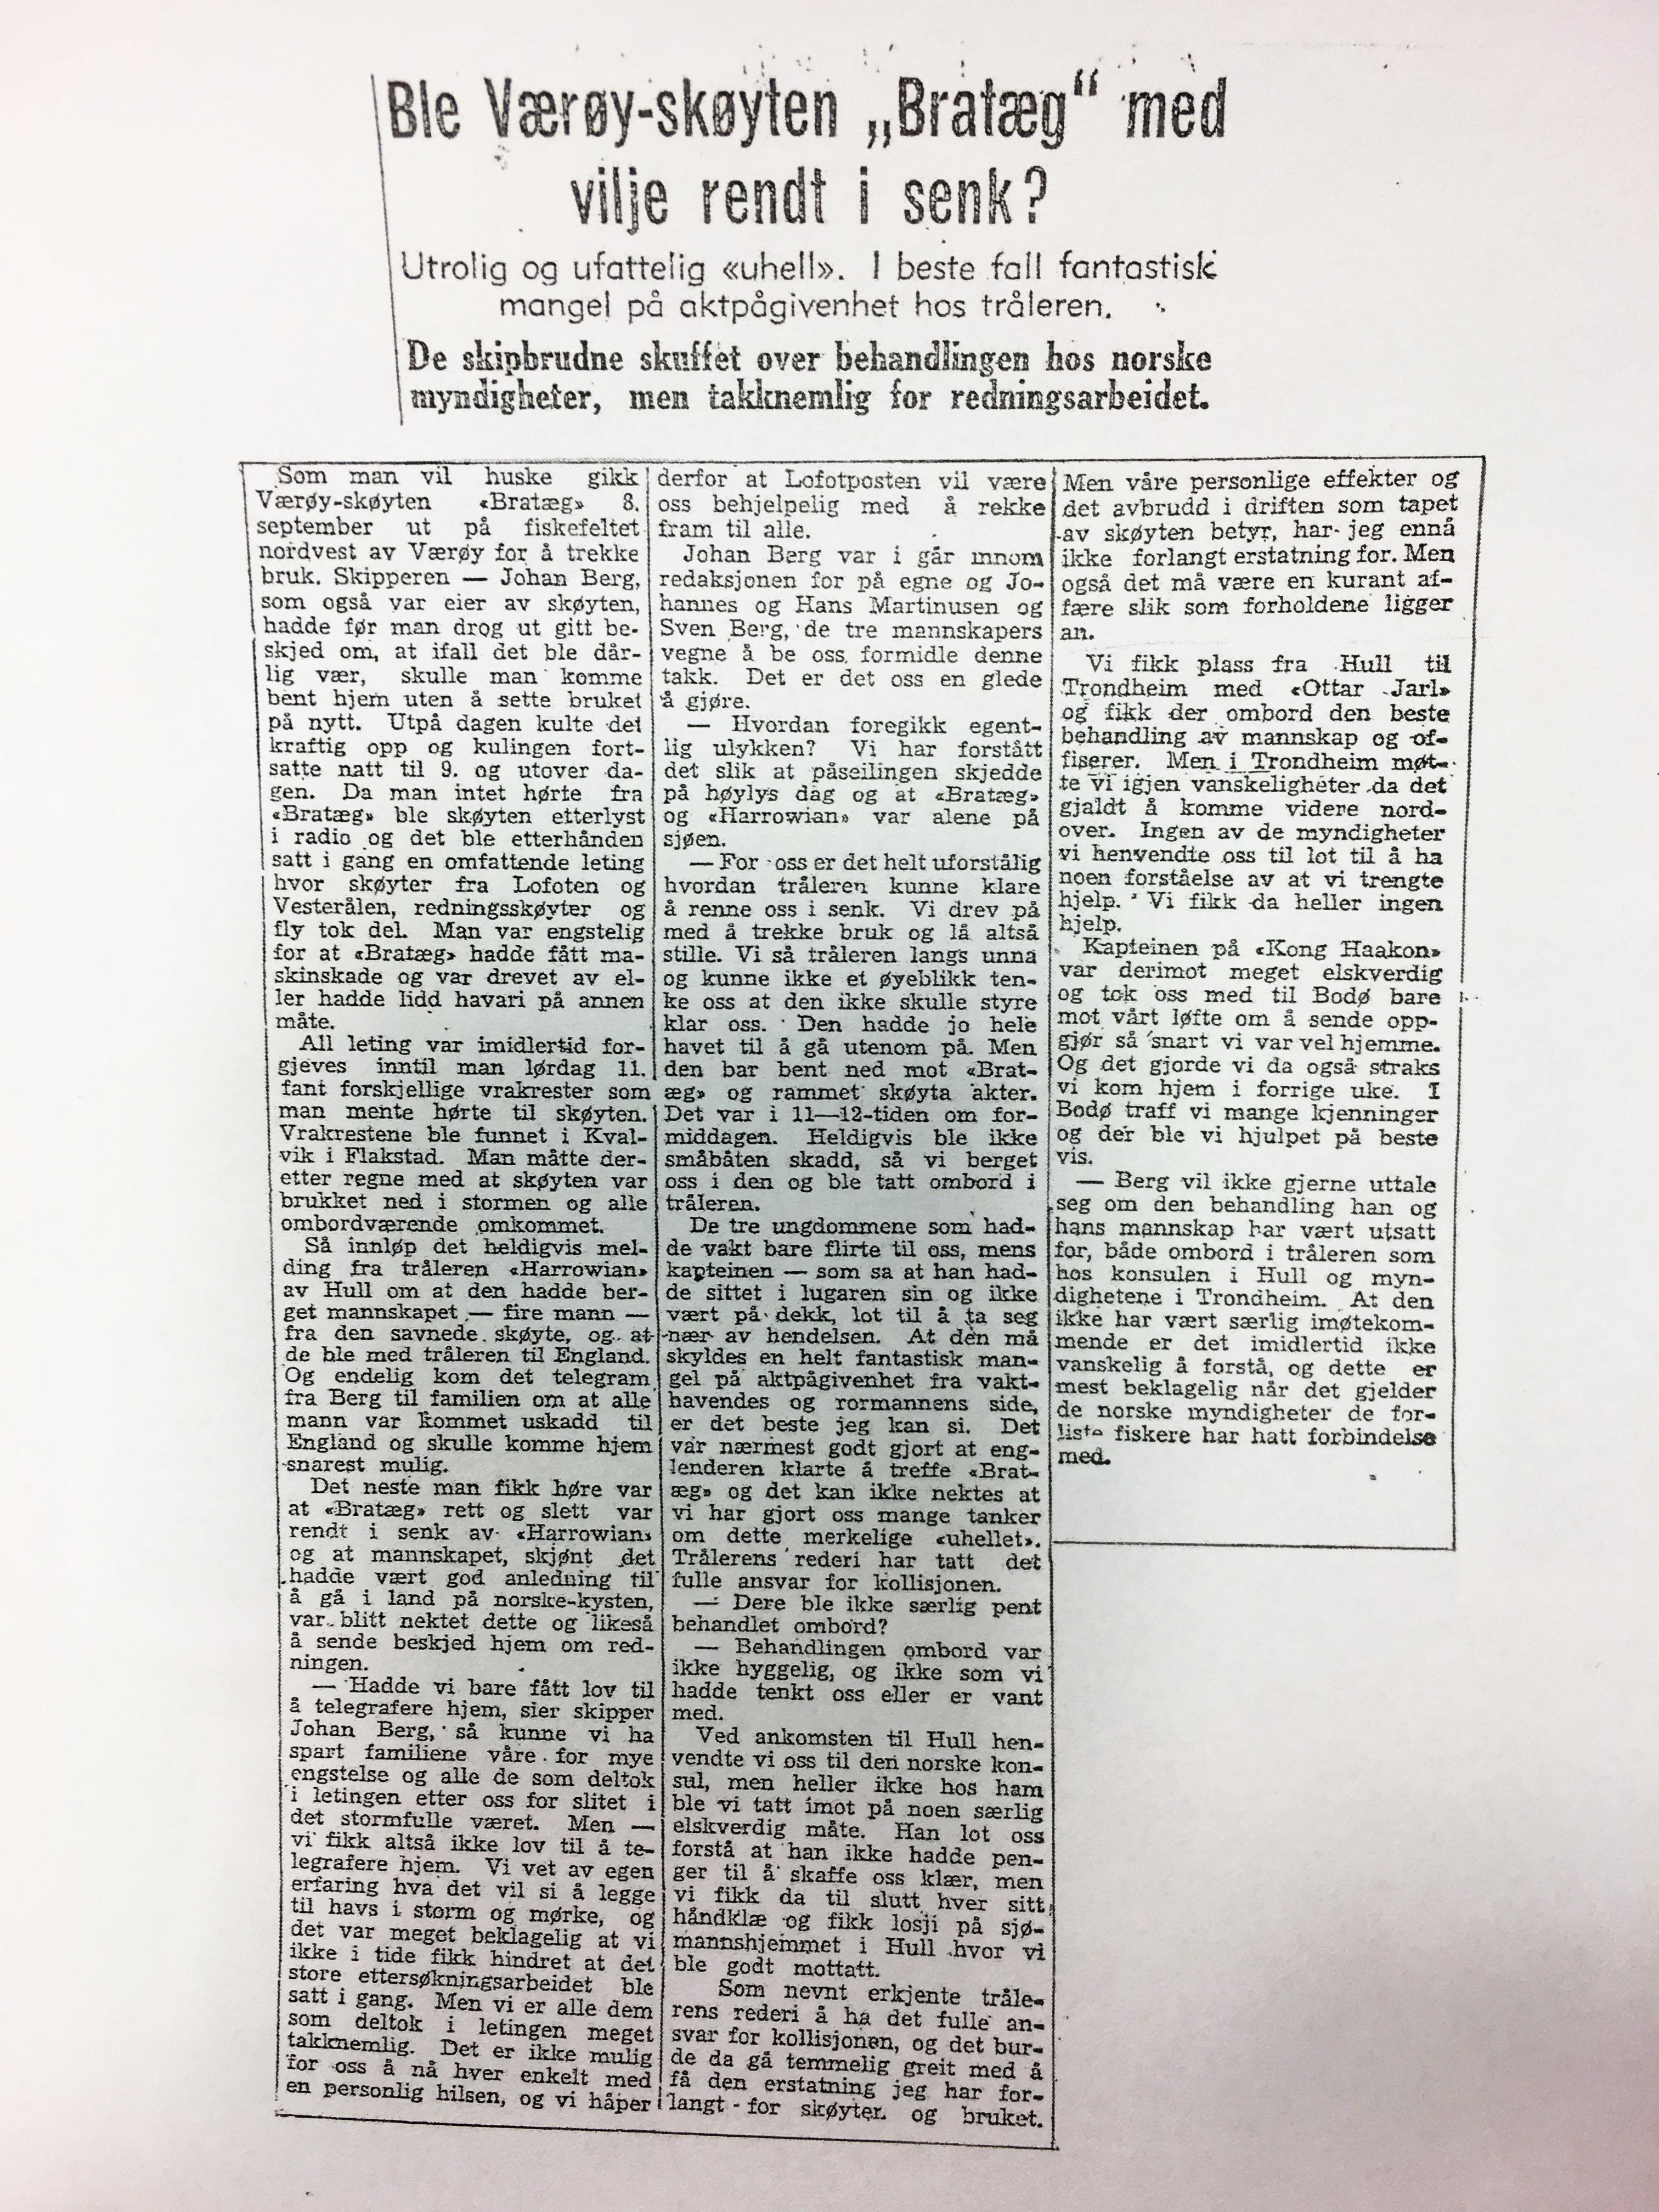 Den dramatiske hendelsen på Røstbanken ble behørig omtalt også i avisene.